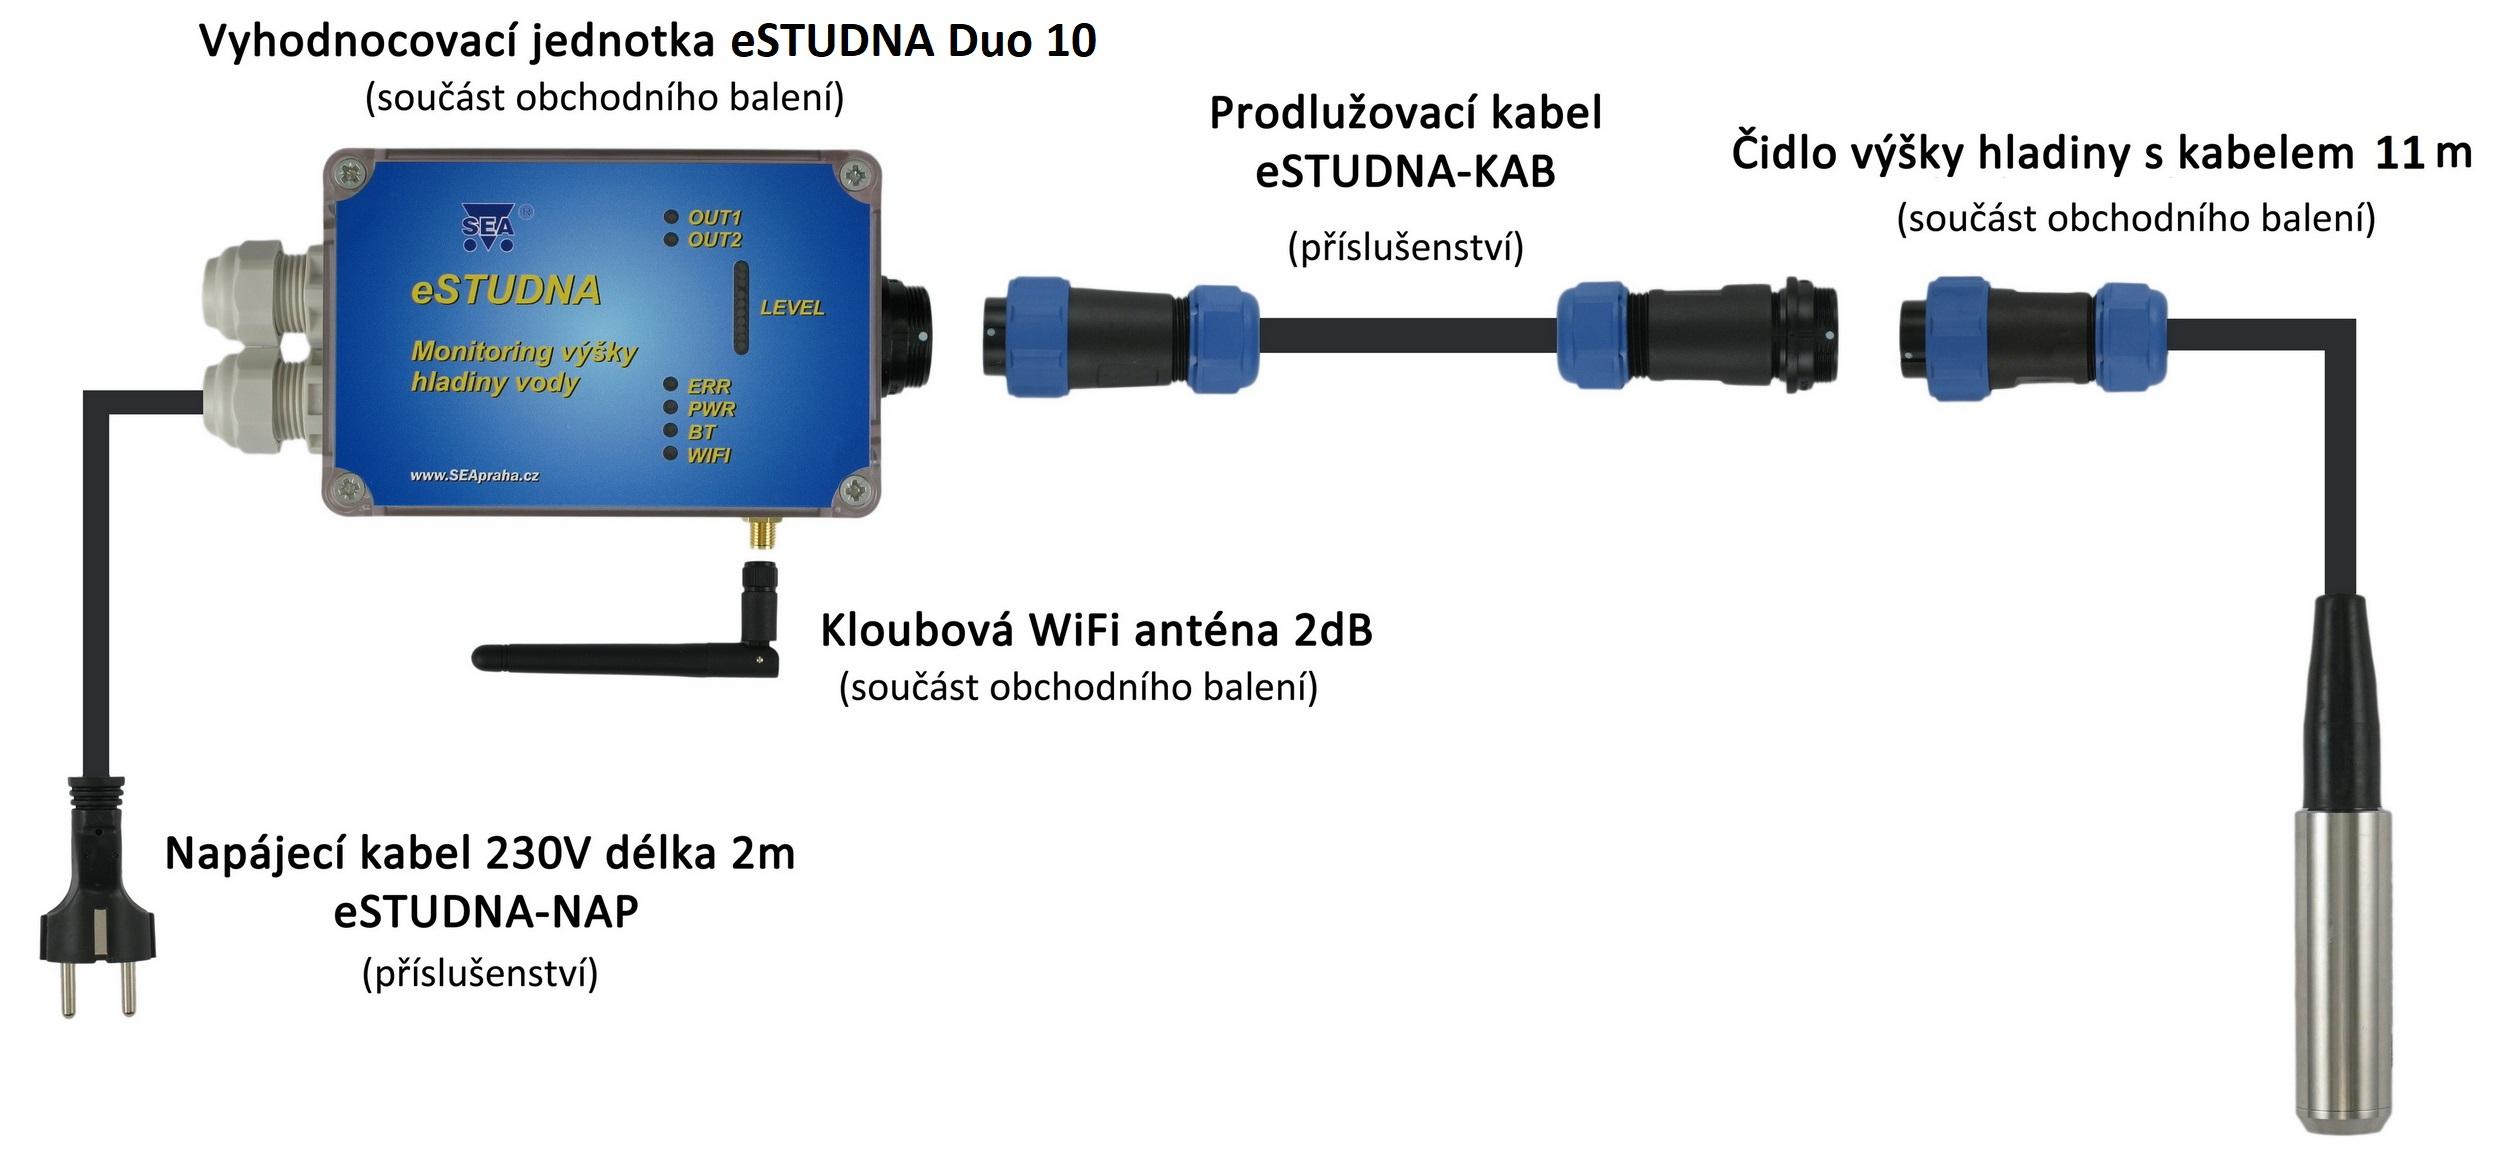 eSTUDNA-DUO-10_obchodní_balení